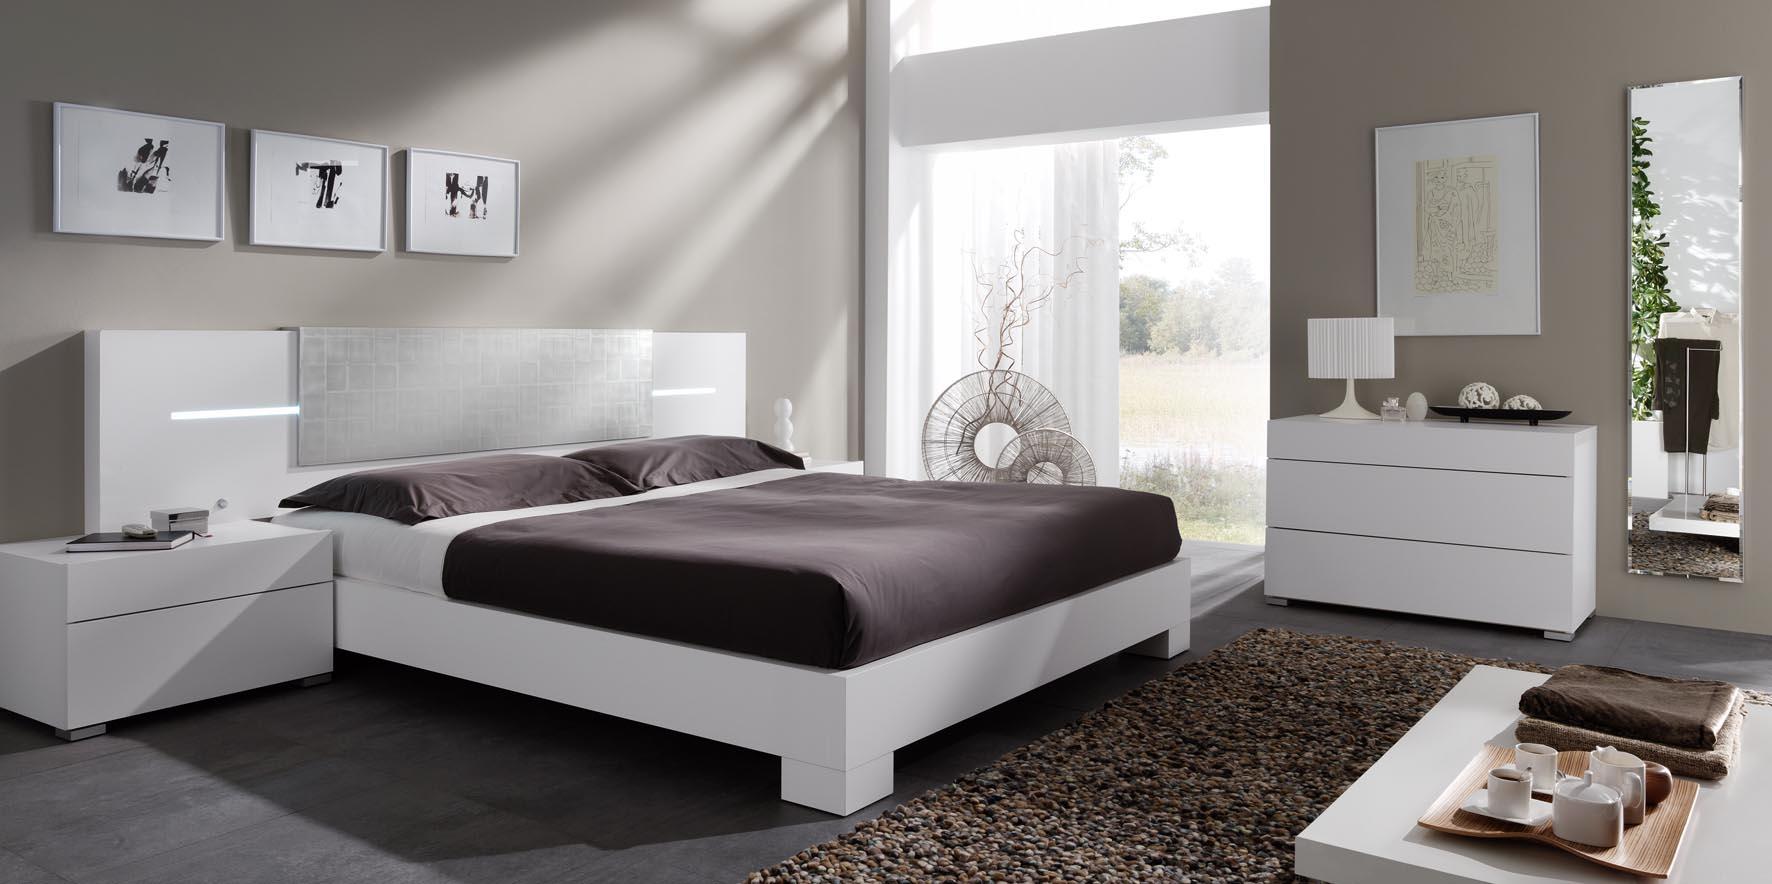 Colores en un dormitorio para mujeres - Imagenes para dormitorios ...